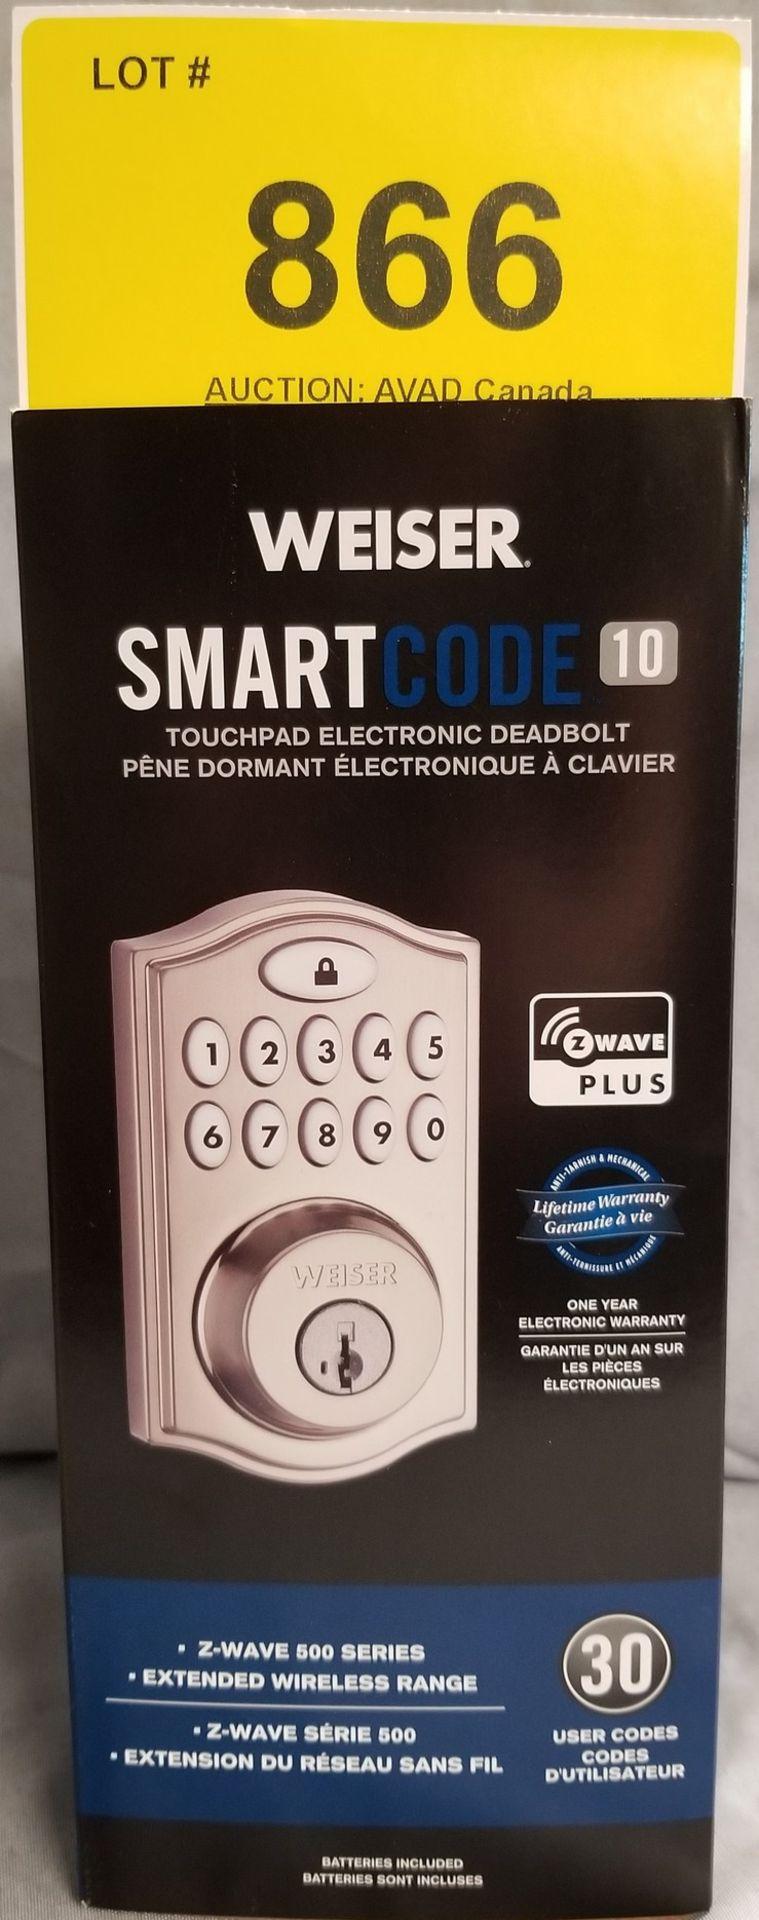 WEISER SMART CODE 10 TOUCHPAD ELECTRONIC DEADBOLT - (BNIB) MSRP $199